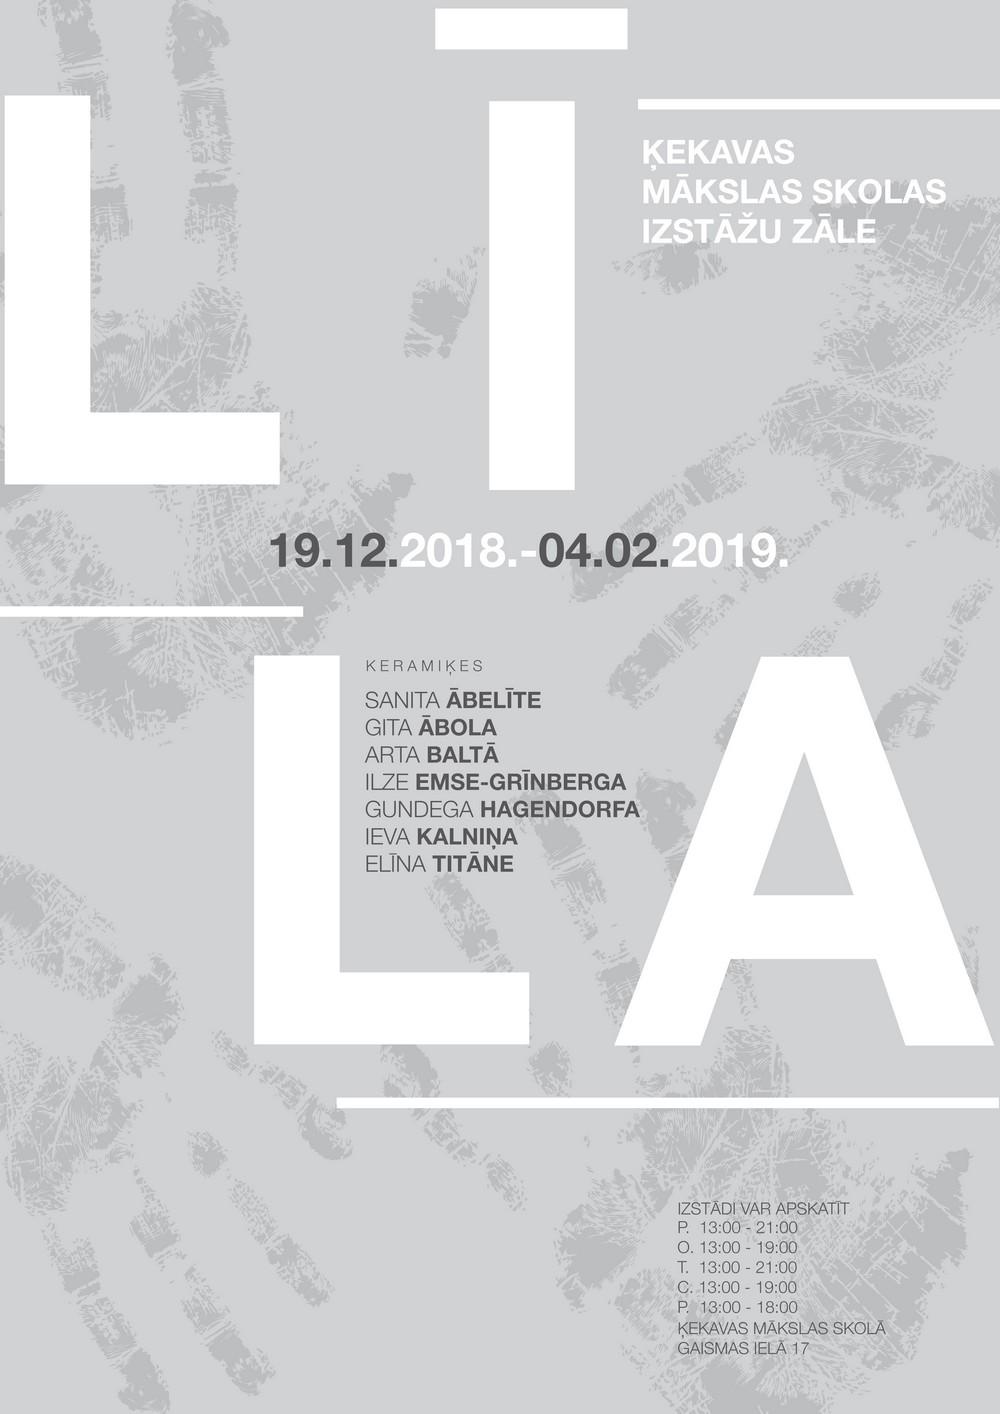 Izstades_LIILA_2018_ML